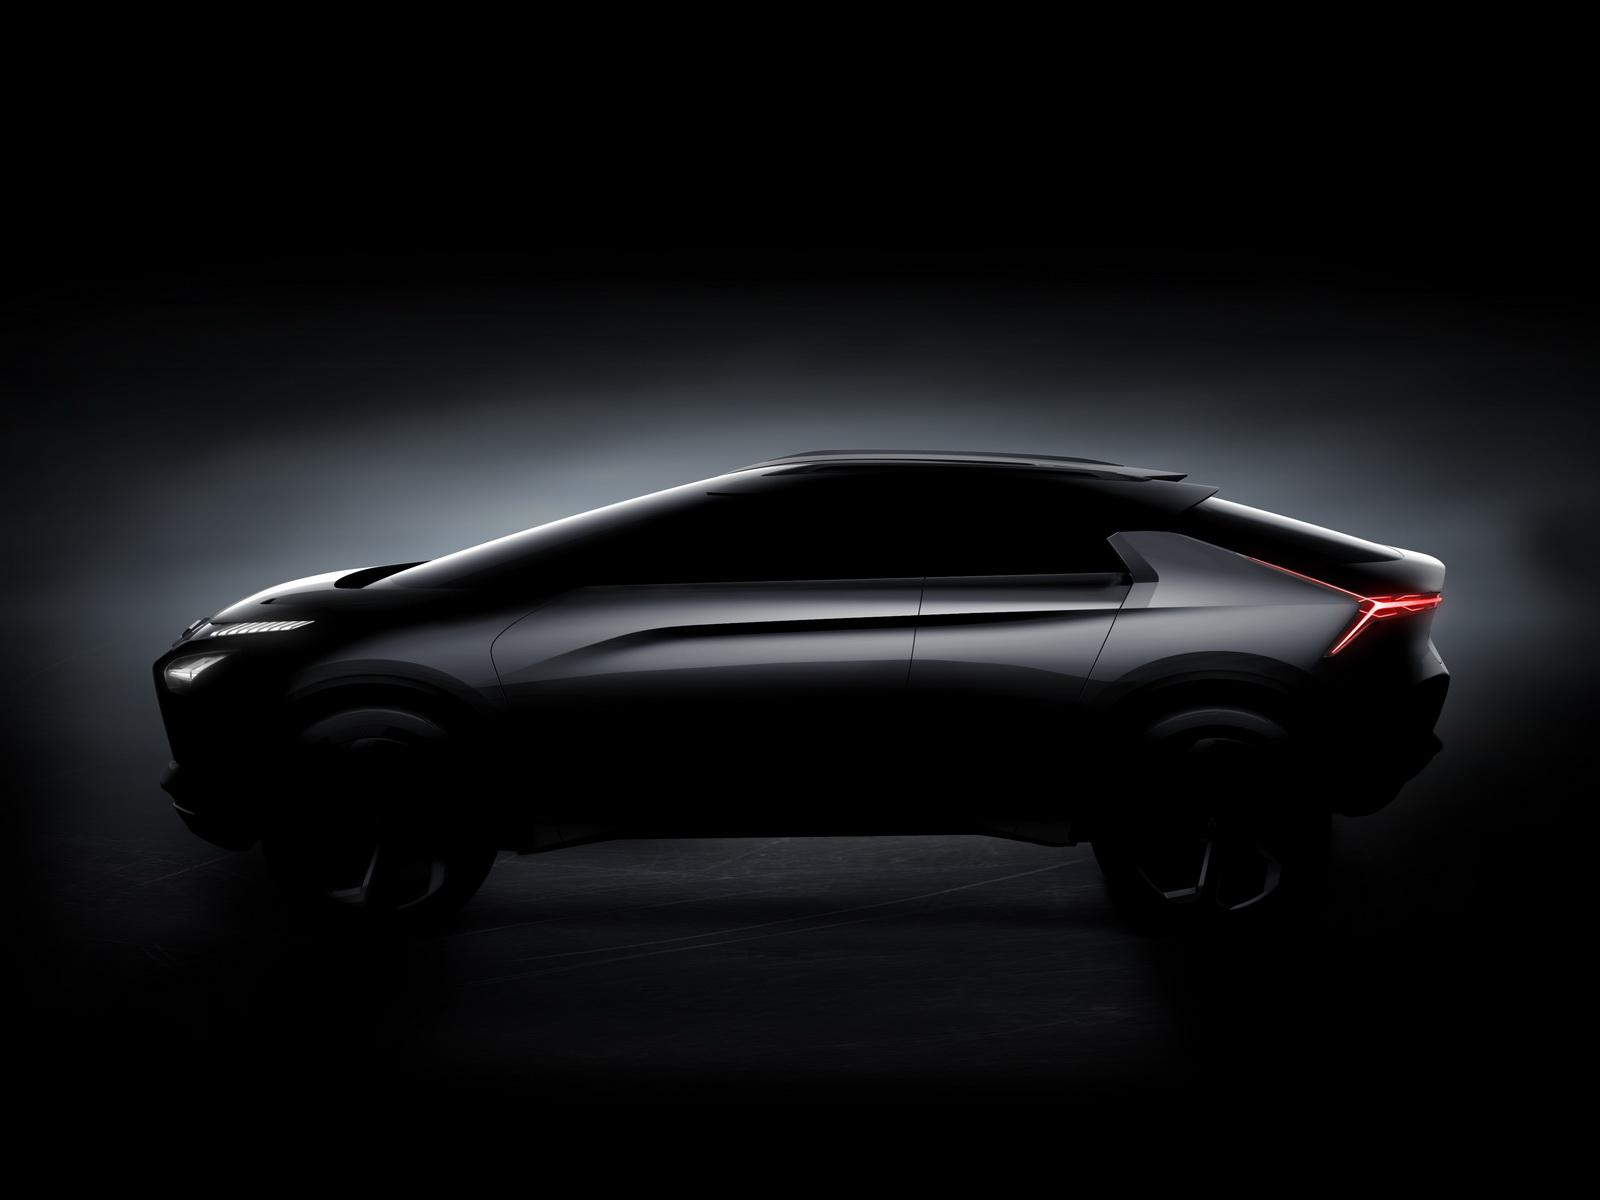 2017-Mitsubishi-eEvolution-01